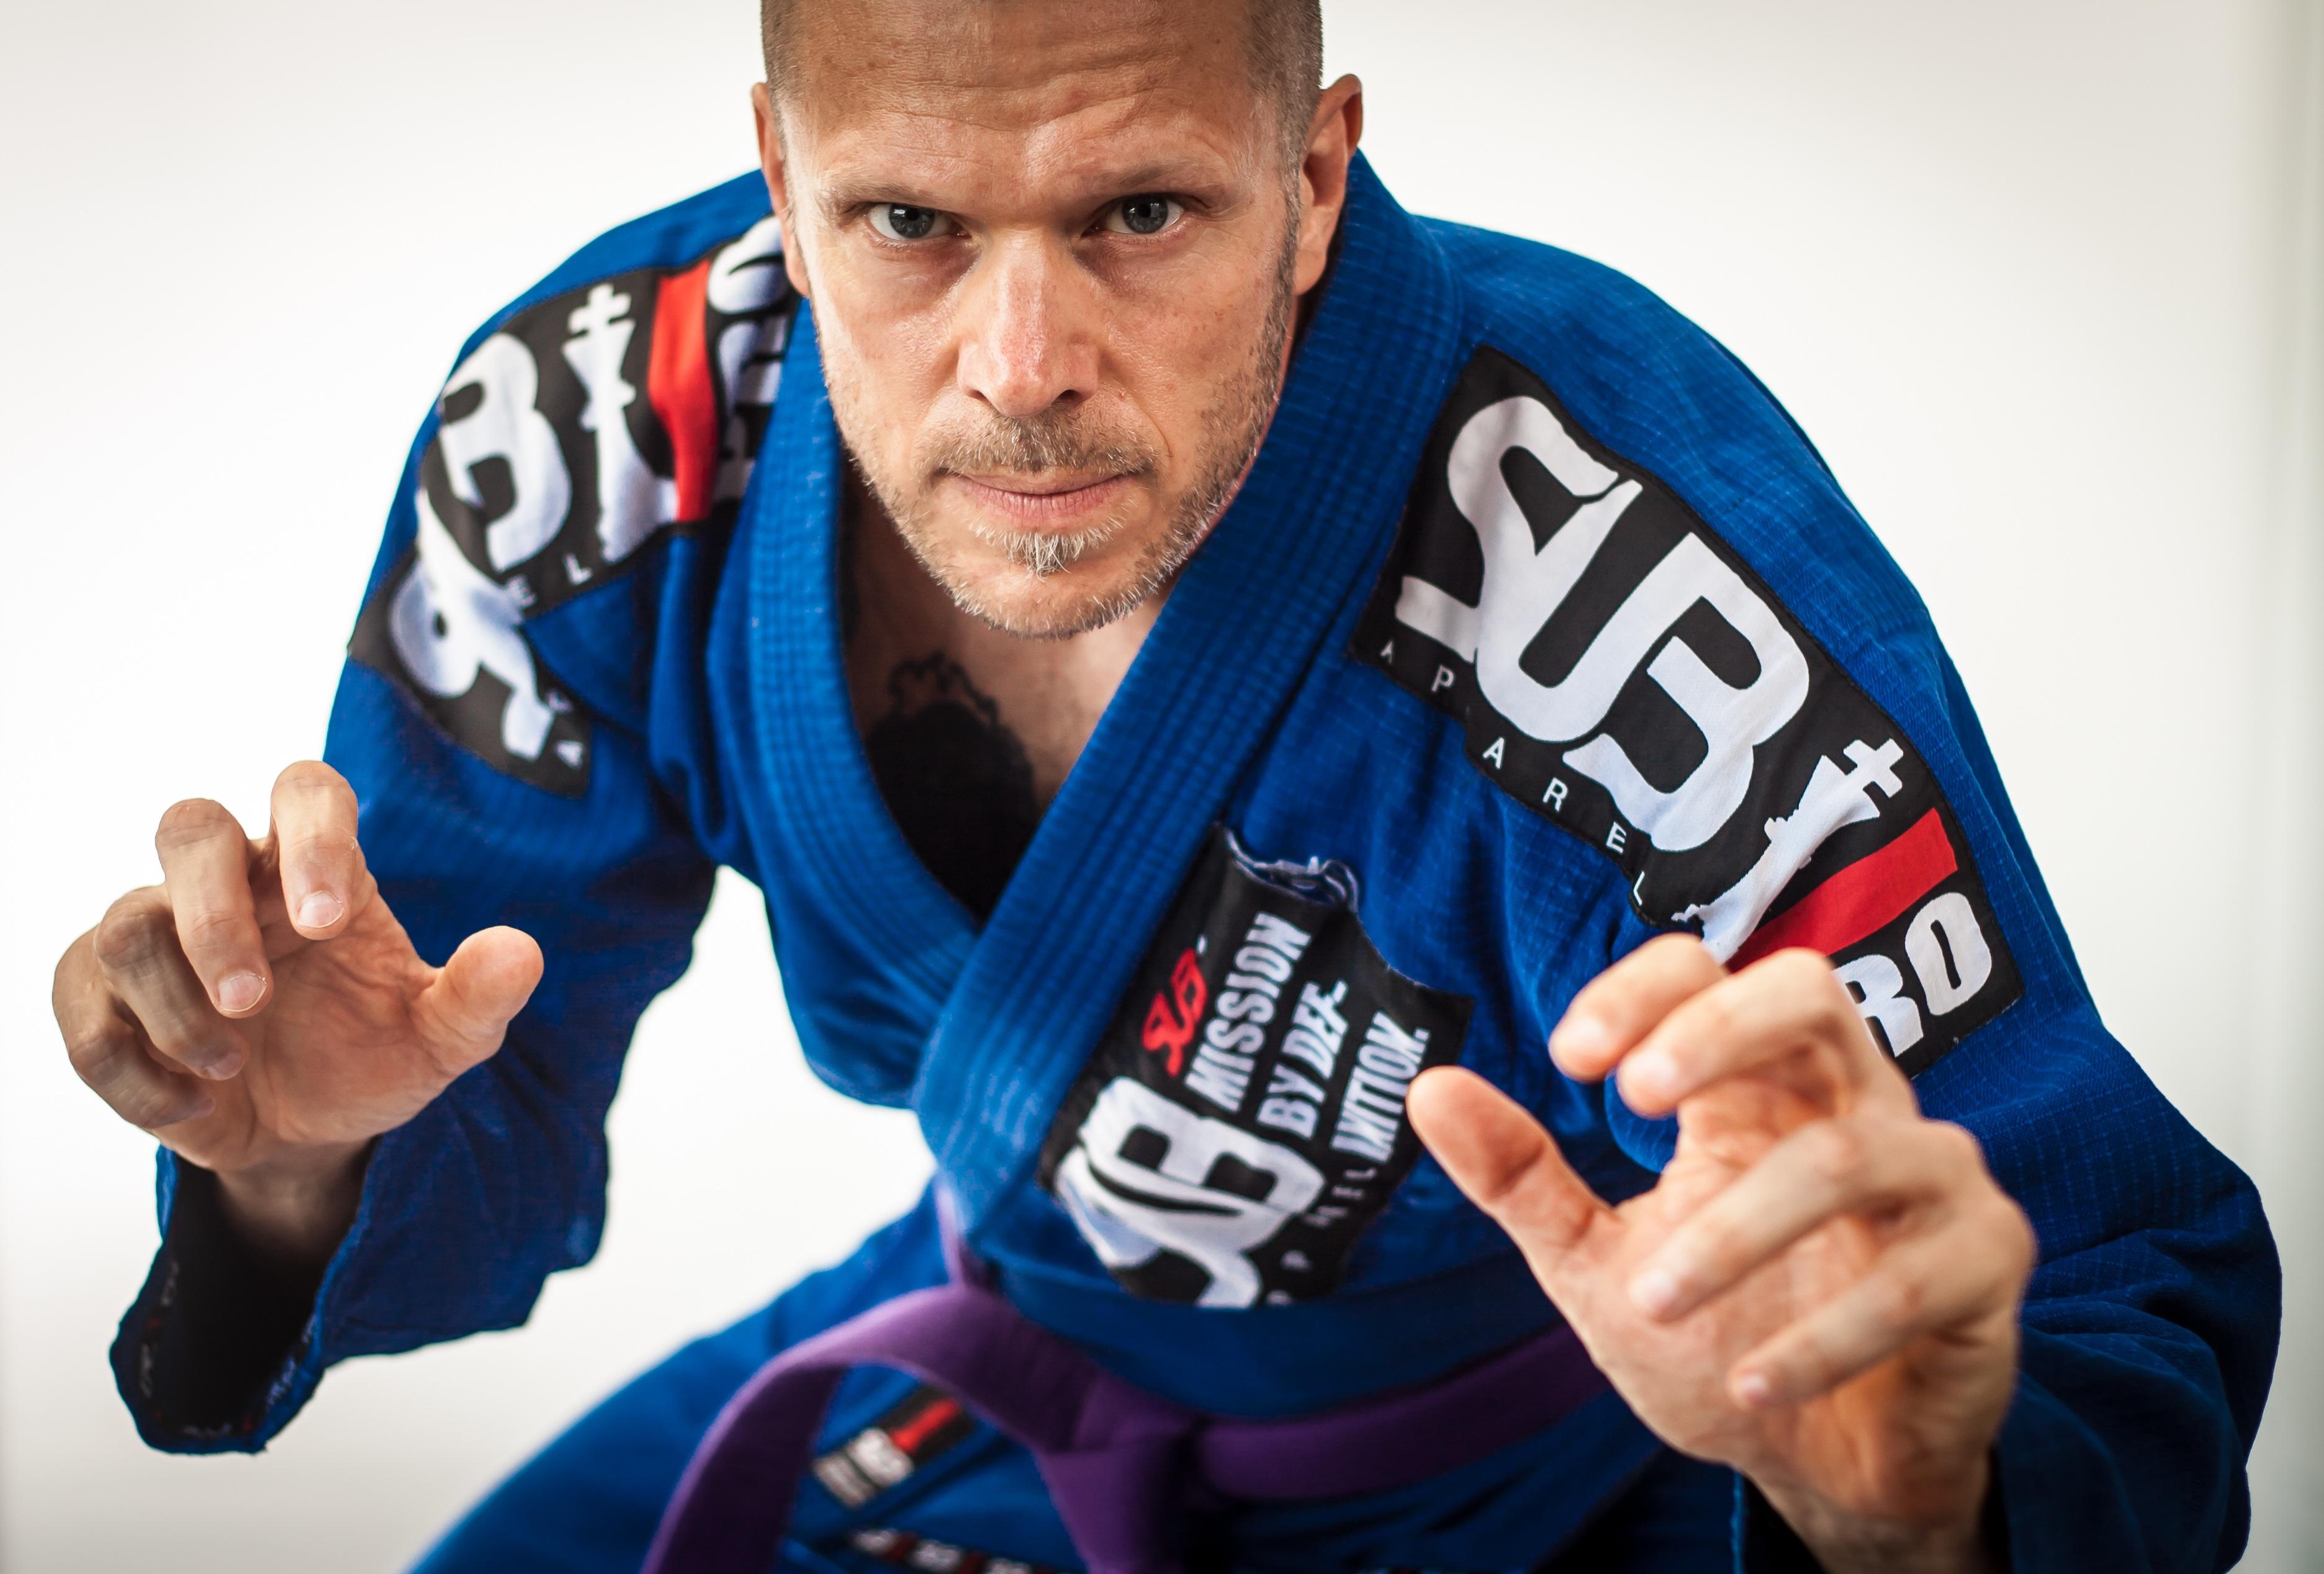 artes marciais esporte judo karatê atleta